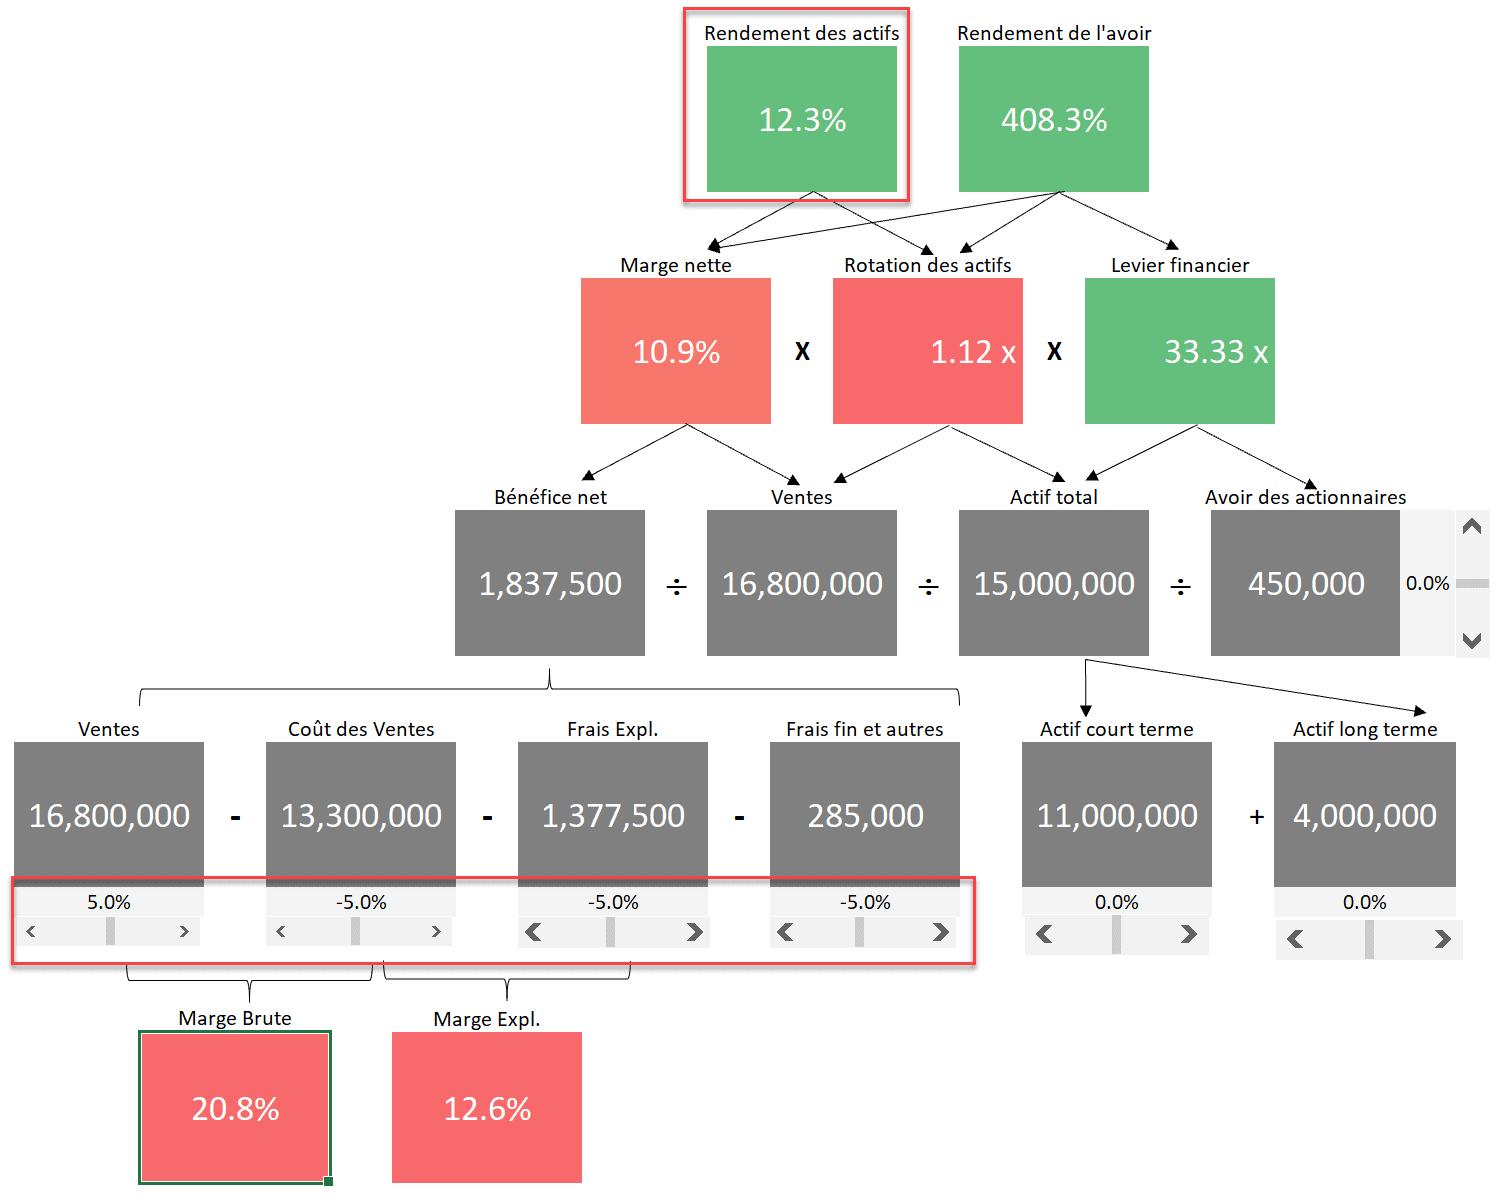 Rendement des actifs expliqué